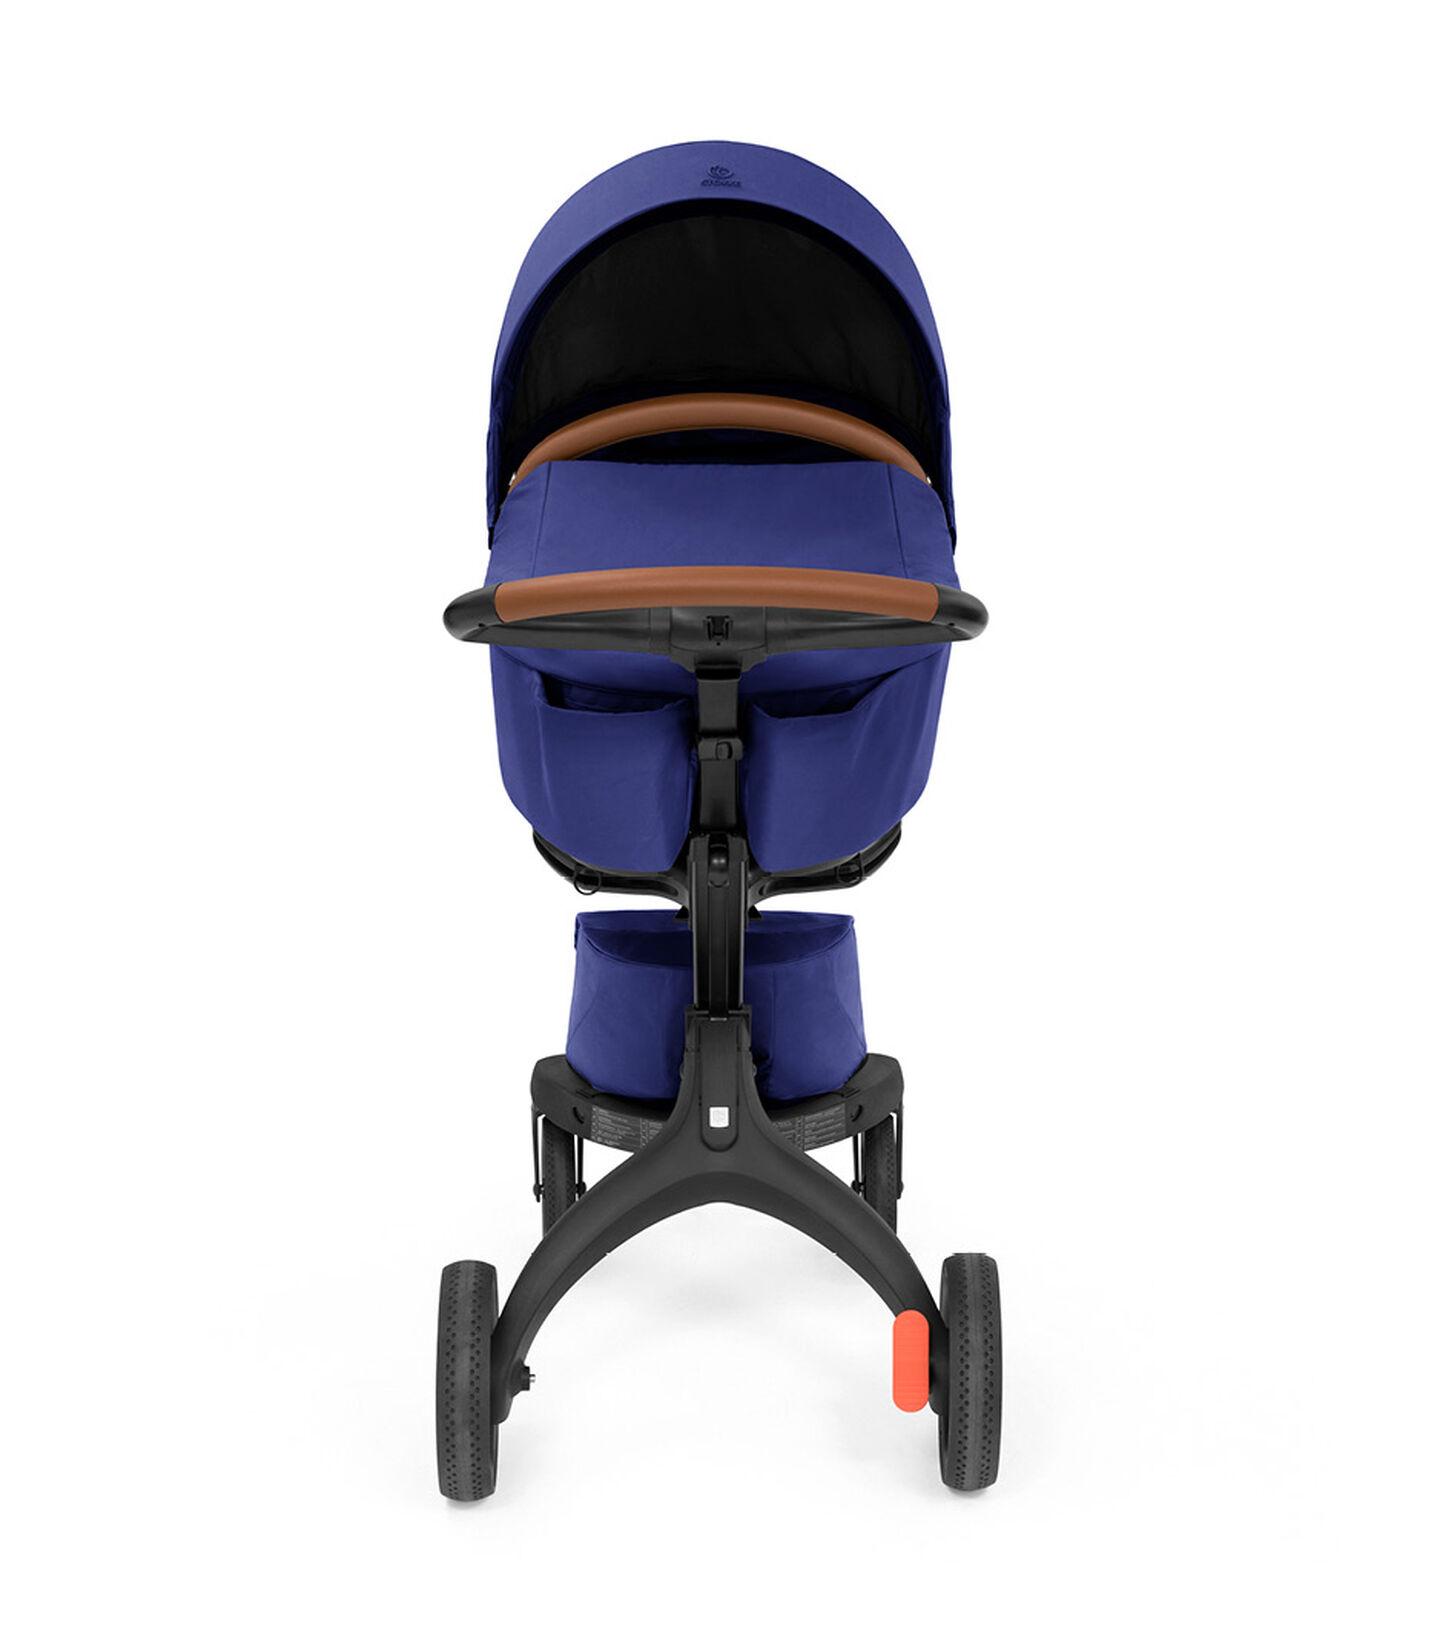 Gondola Stokke® Xplory® X Królewski niebieski, Królewski niebieski, mainview view 3